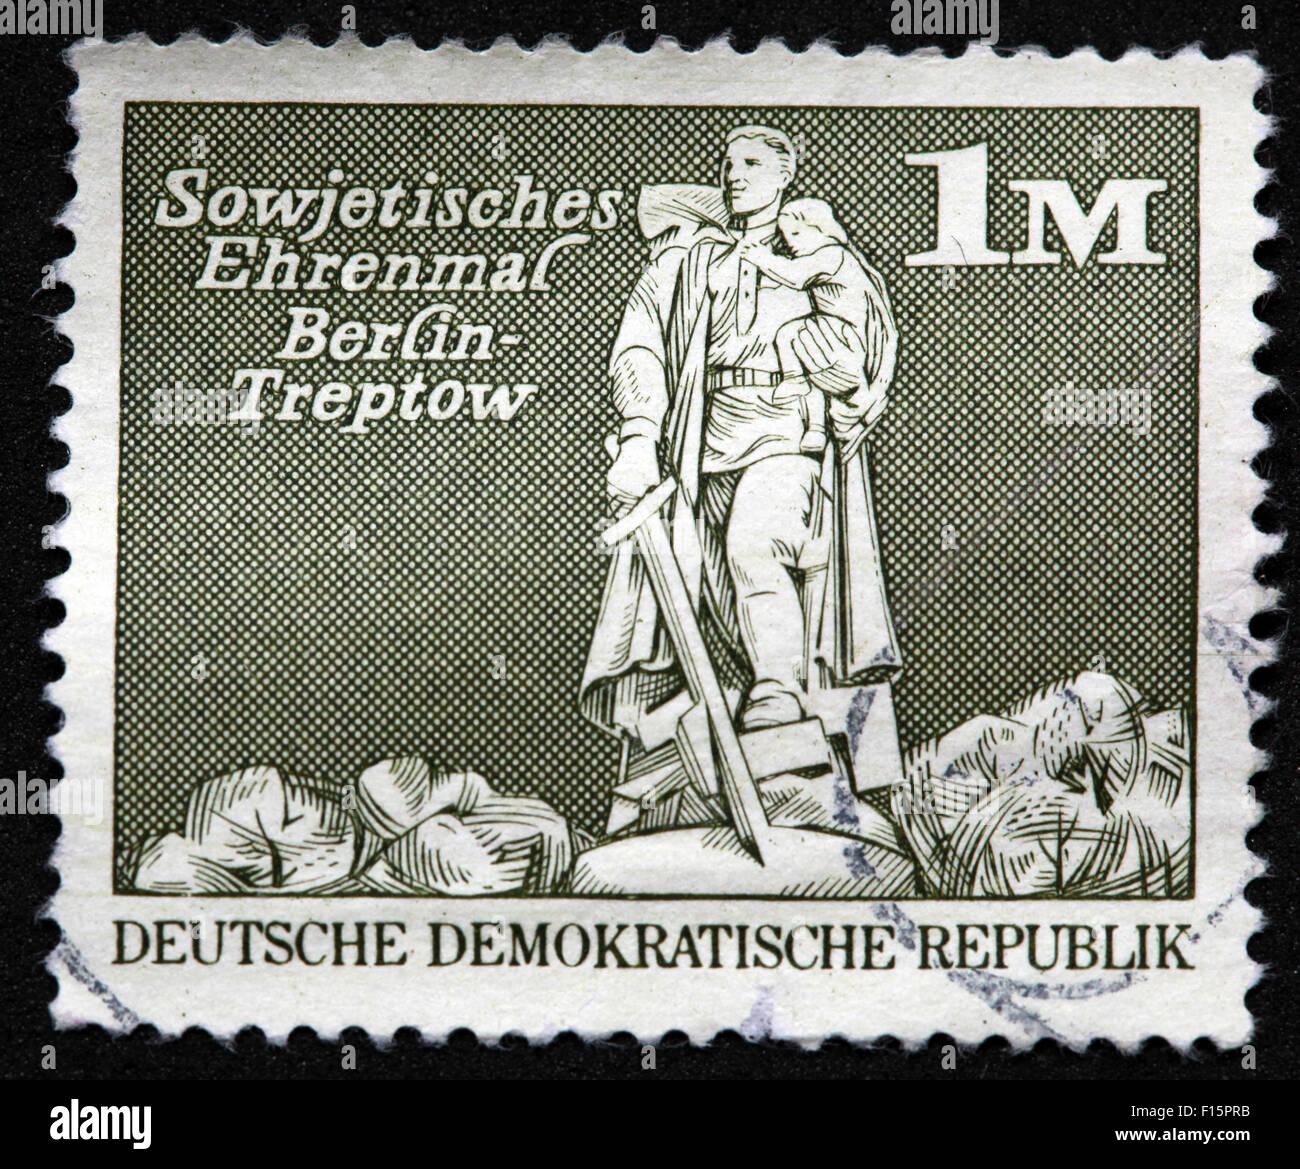 Deutsche Demokratische Republik DDR Sowjetisches Ehrenmal Berlin-Treptow 1M Stamp - Stock Image